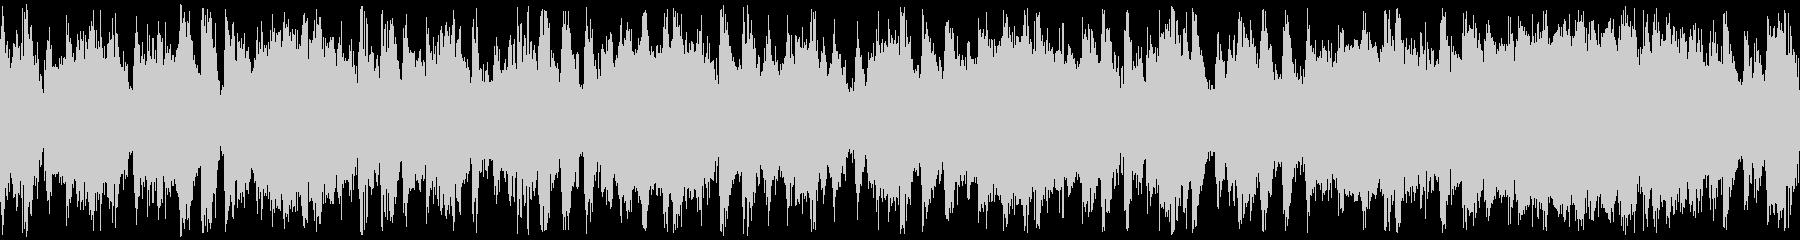 サックスとギターのロック系ループBGMの未再生の波形